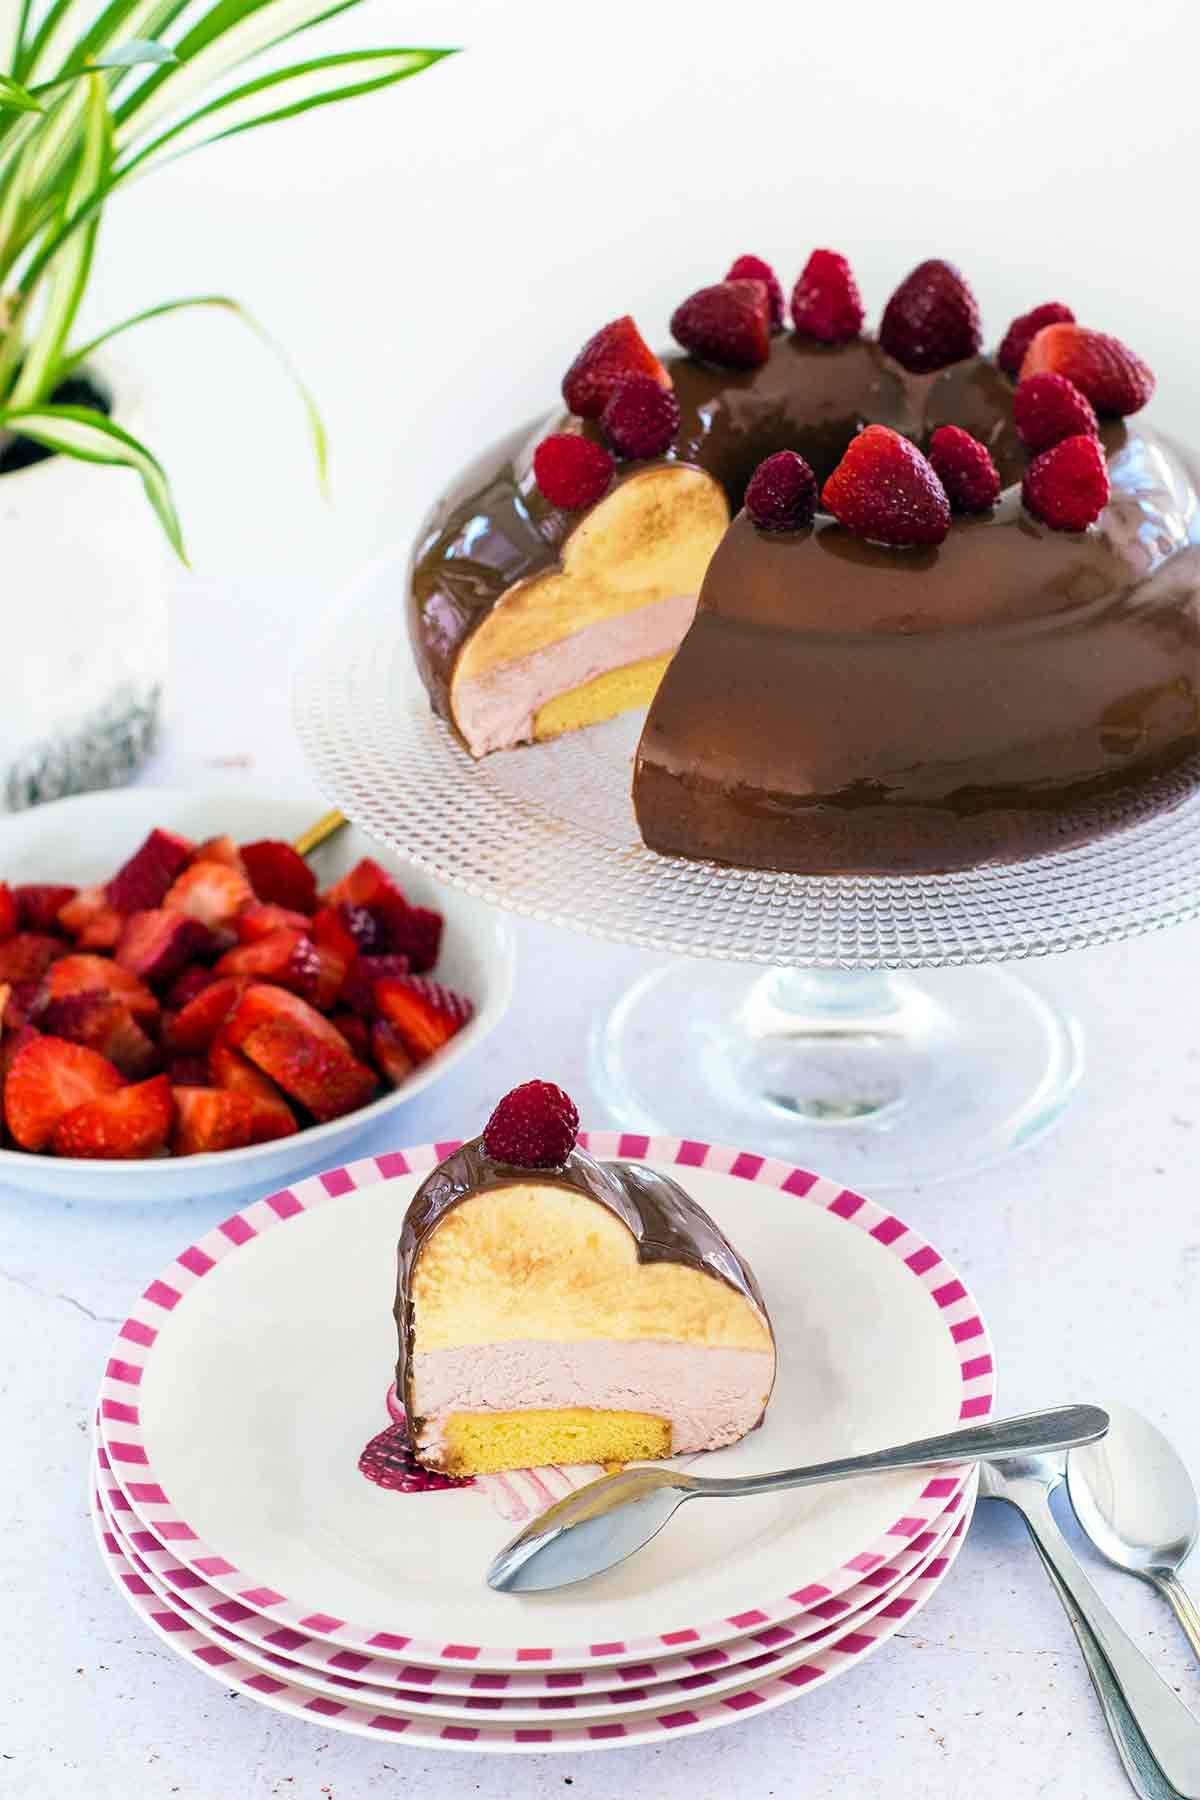 entremet chocolat à pâtisser ruby fruits rouges LA PATELIERE